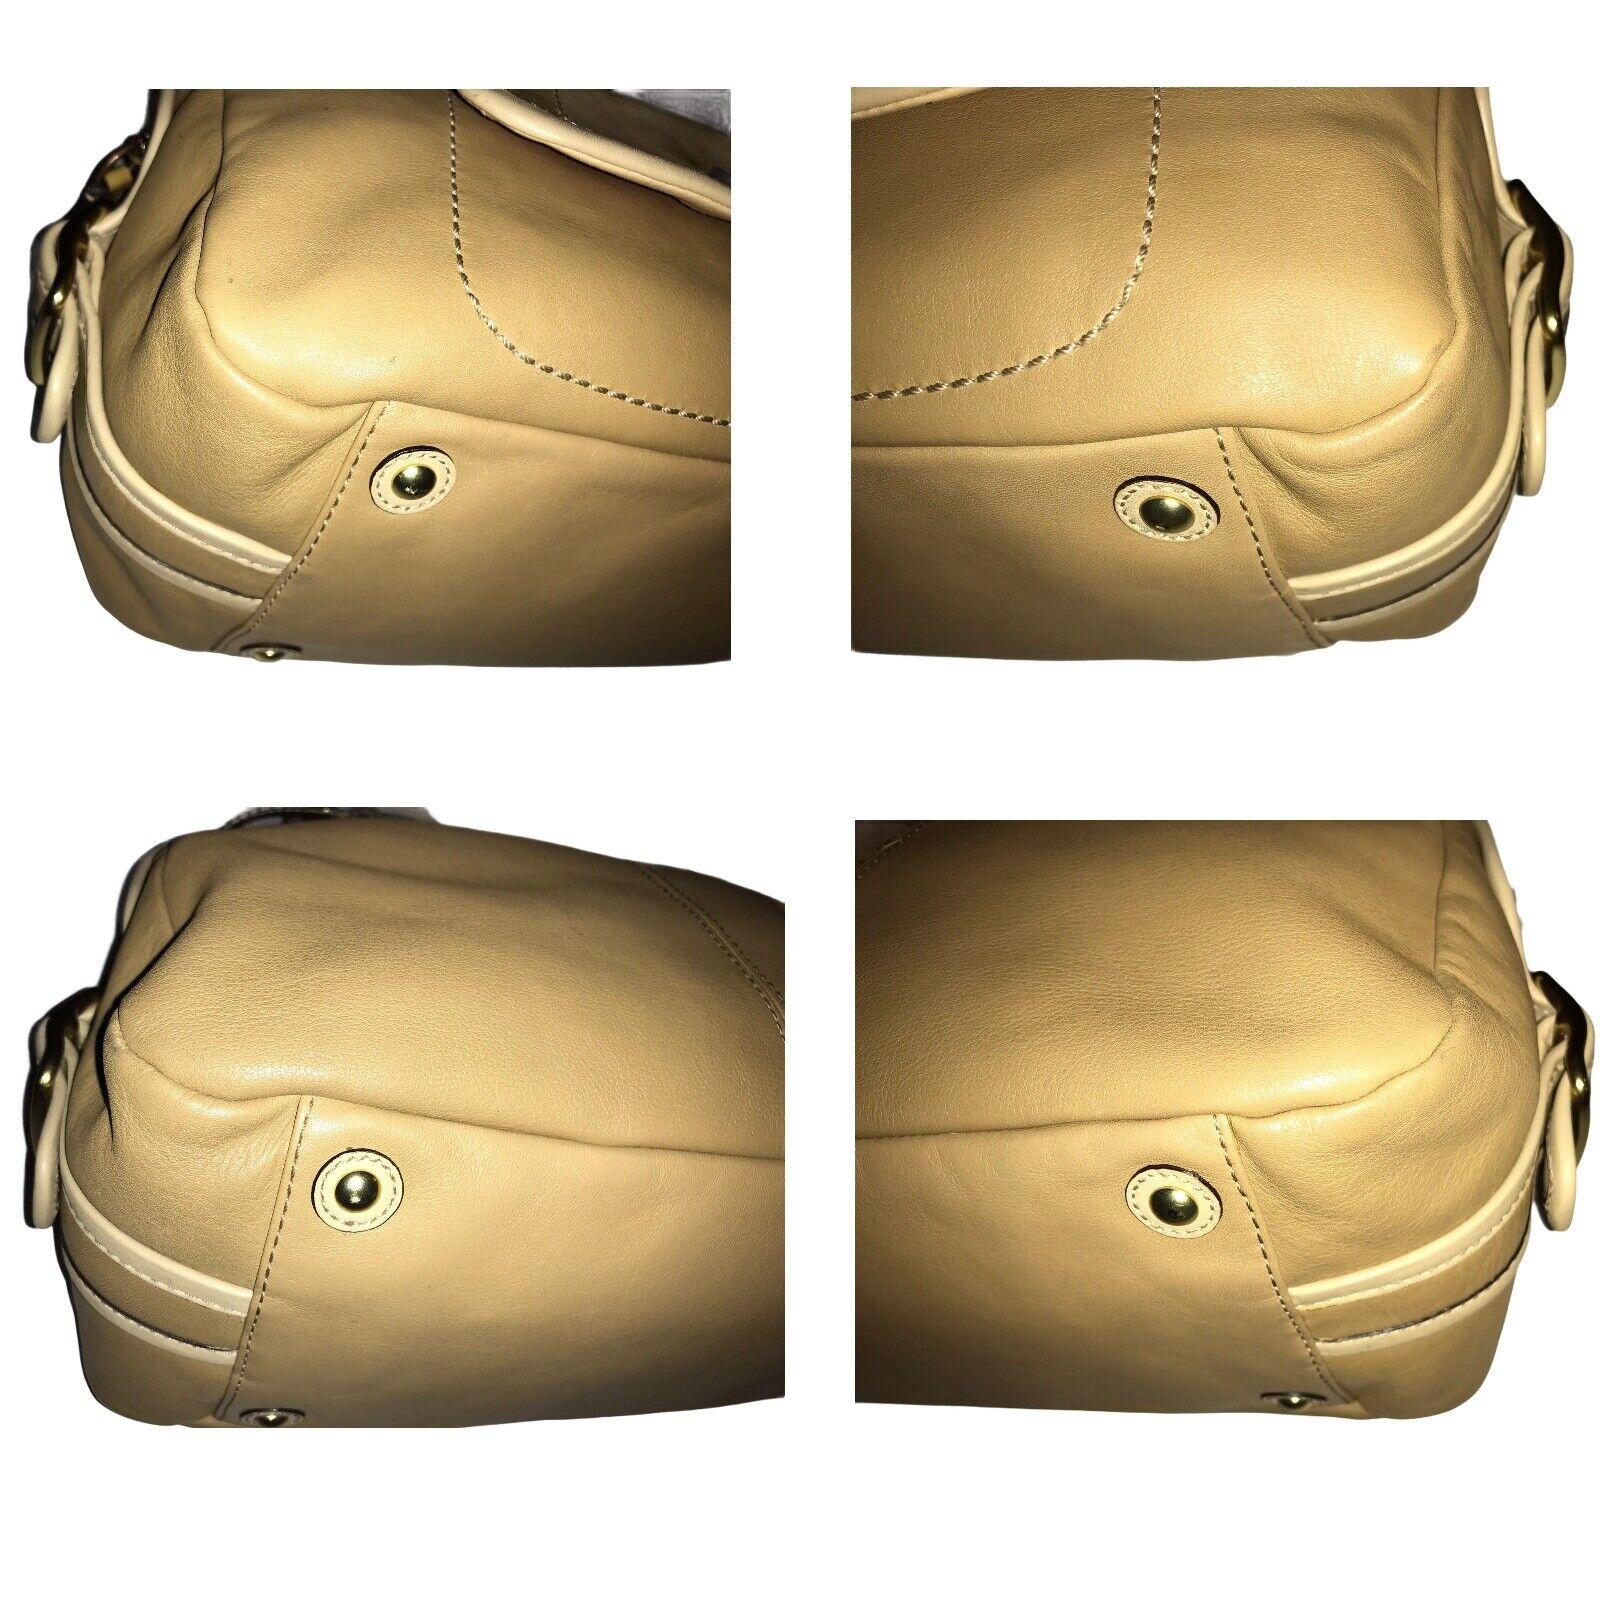 Vintage Bonnie Satchel Bag by COACH - image 6